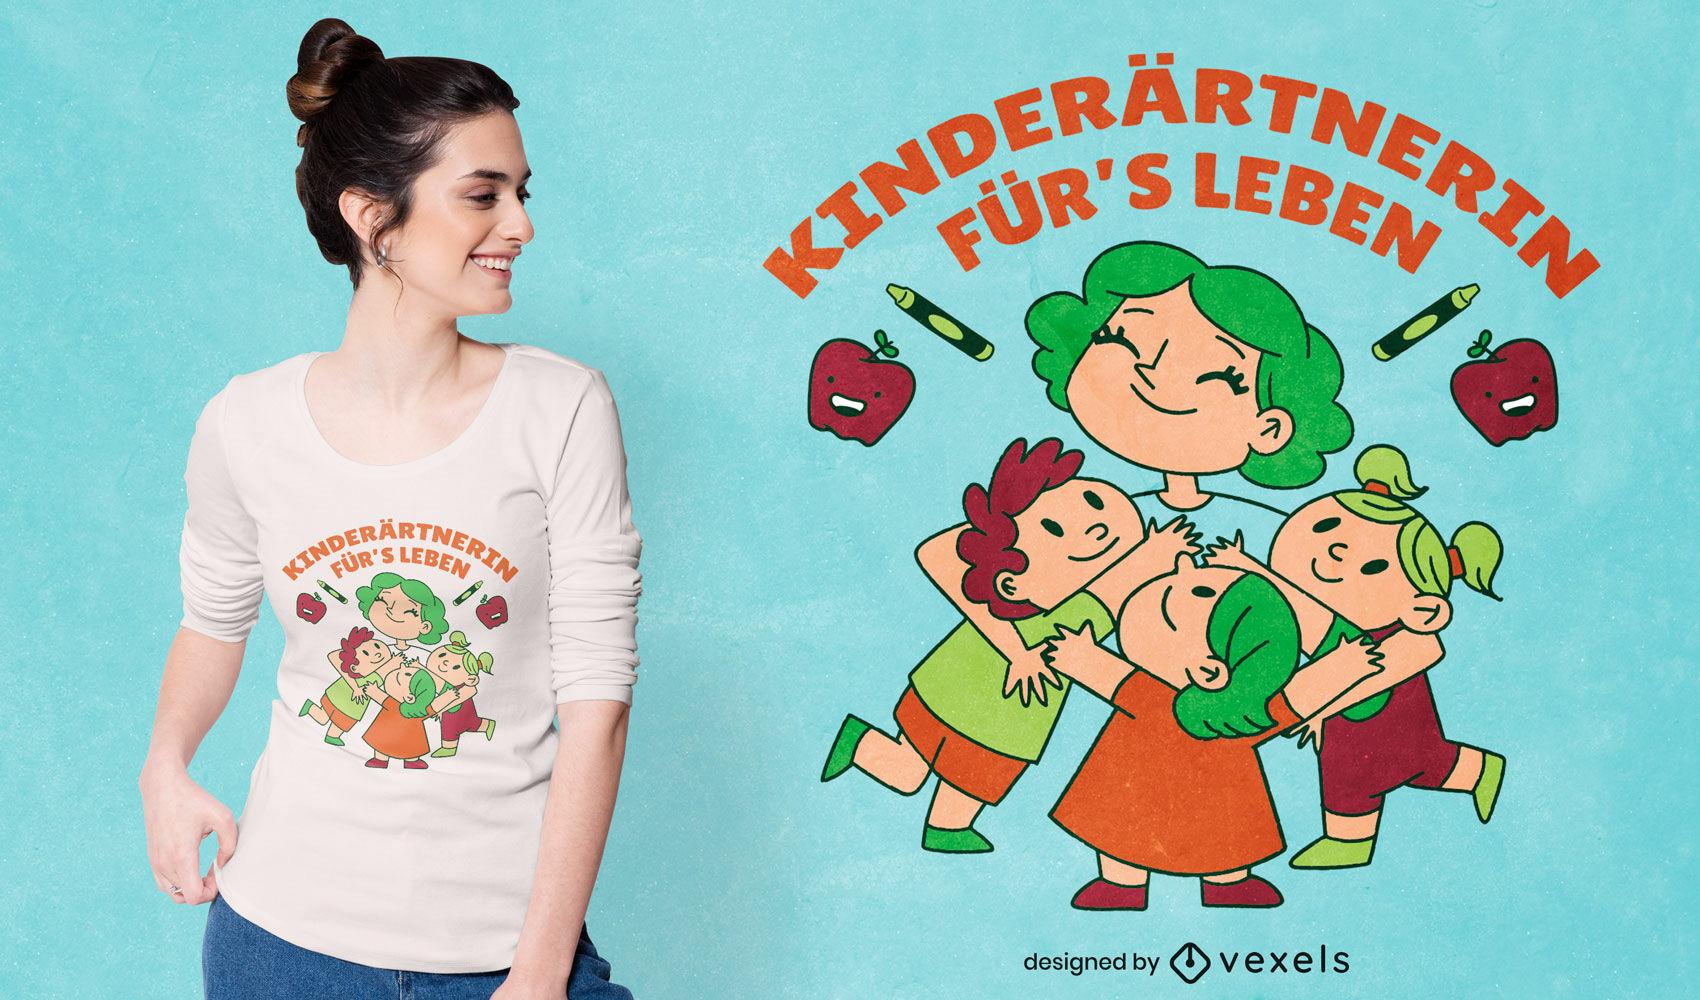 Kindergärtnerin deutsches Zitat T-Shirt Design